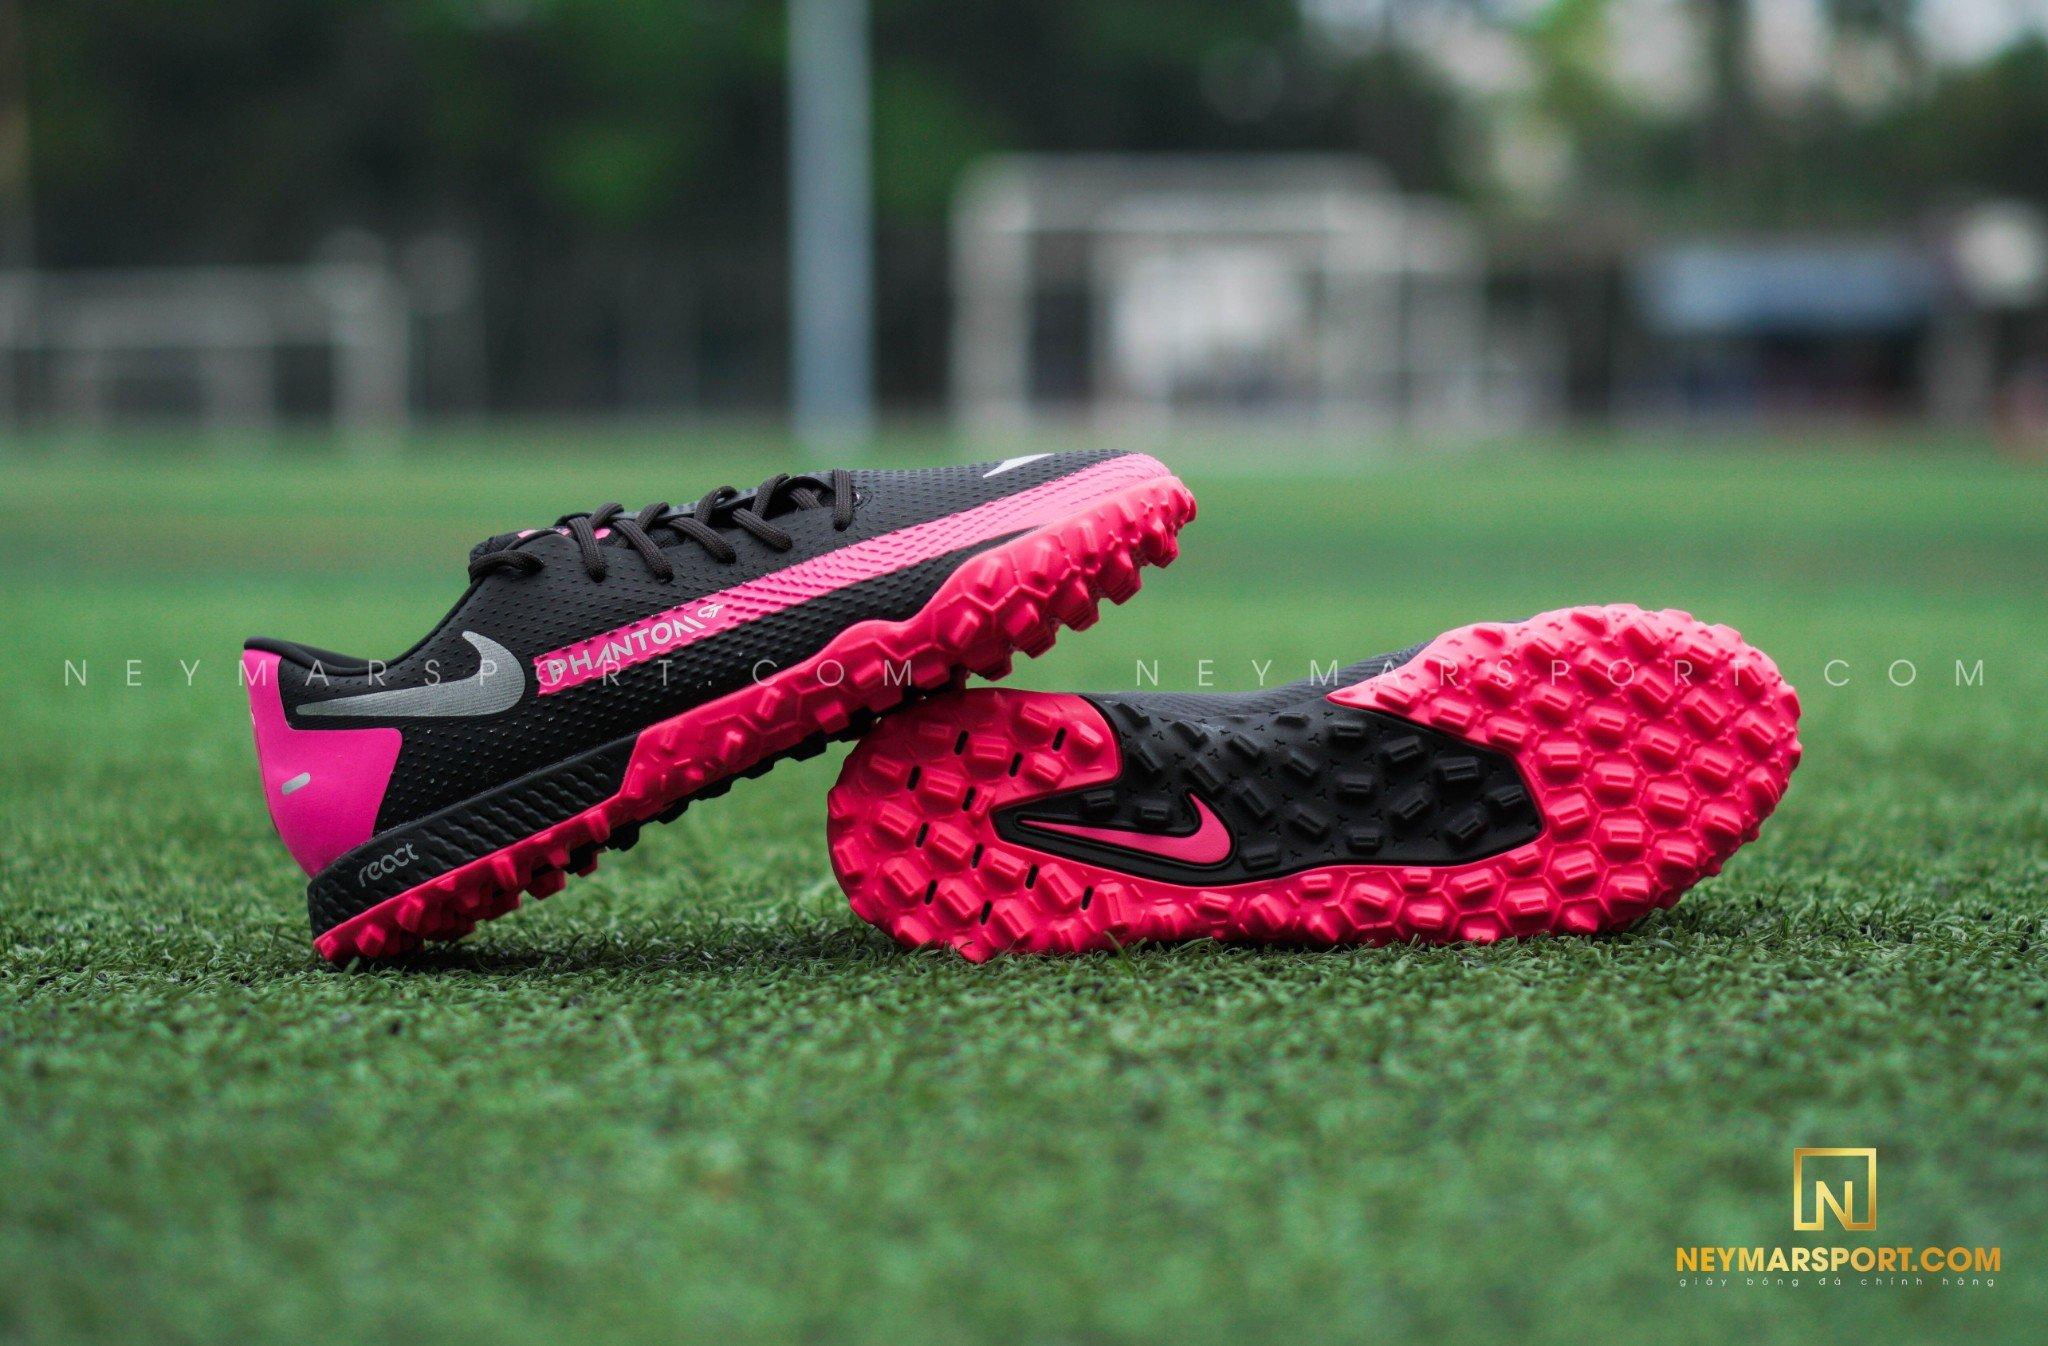 Giày cỏ nhân tạo Nike